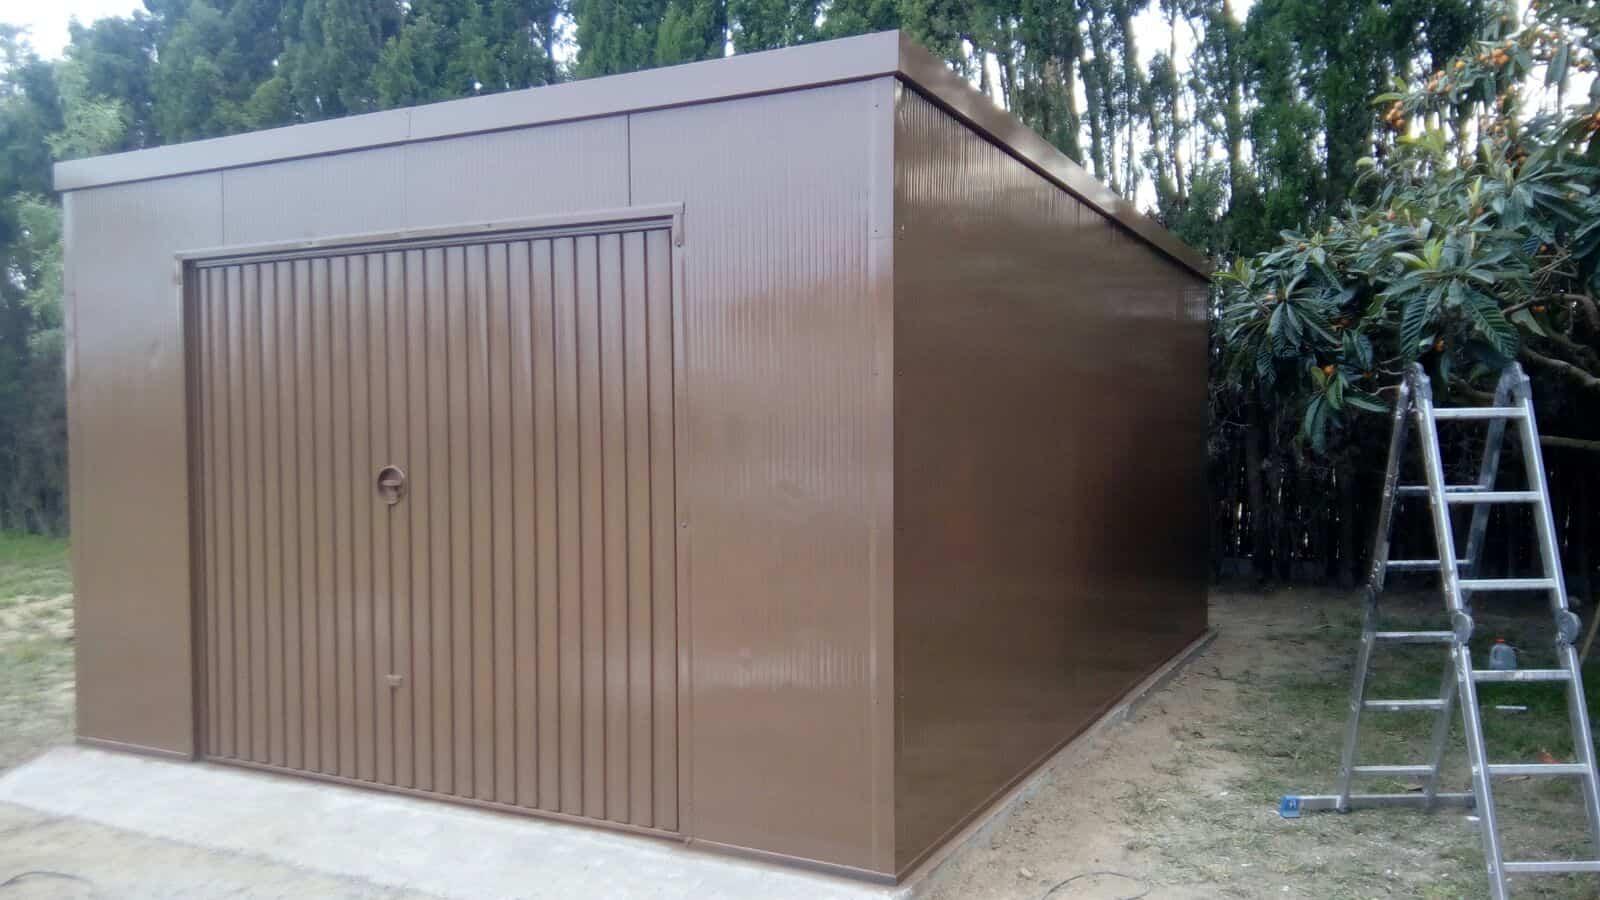 Garaje prefabricado en la armentera gerona trasteros for Garajes metalicos en bolivia